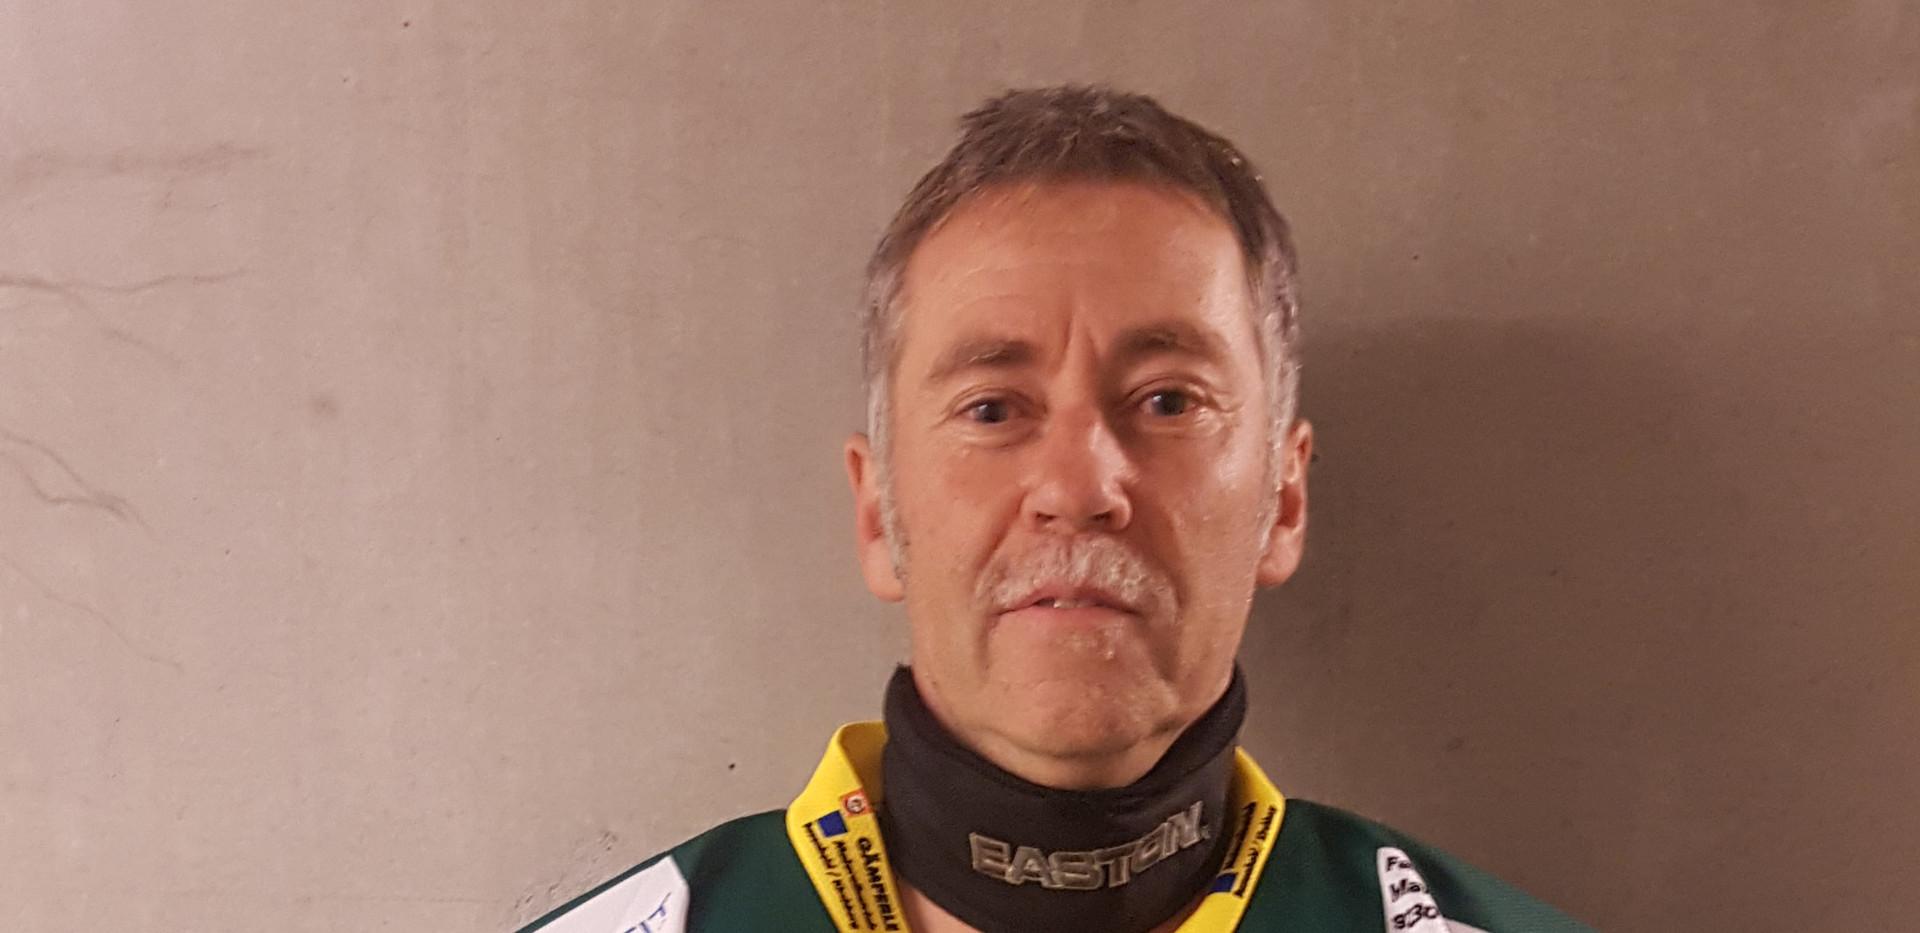 Heinz Kistler #7